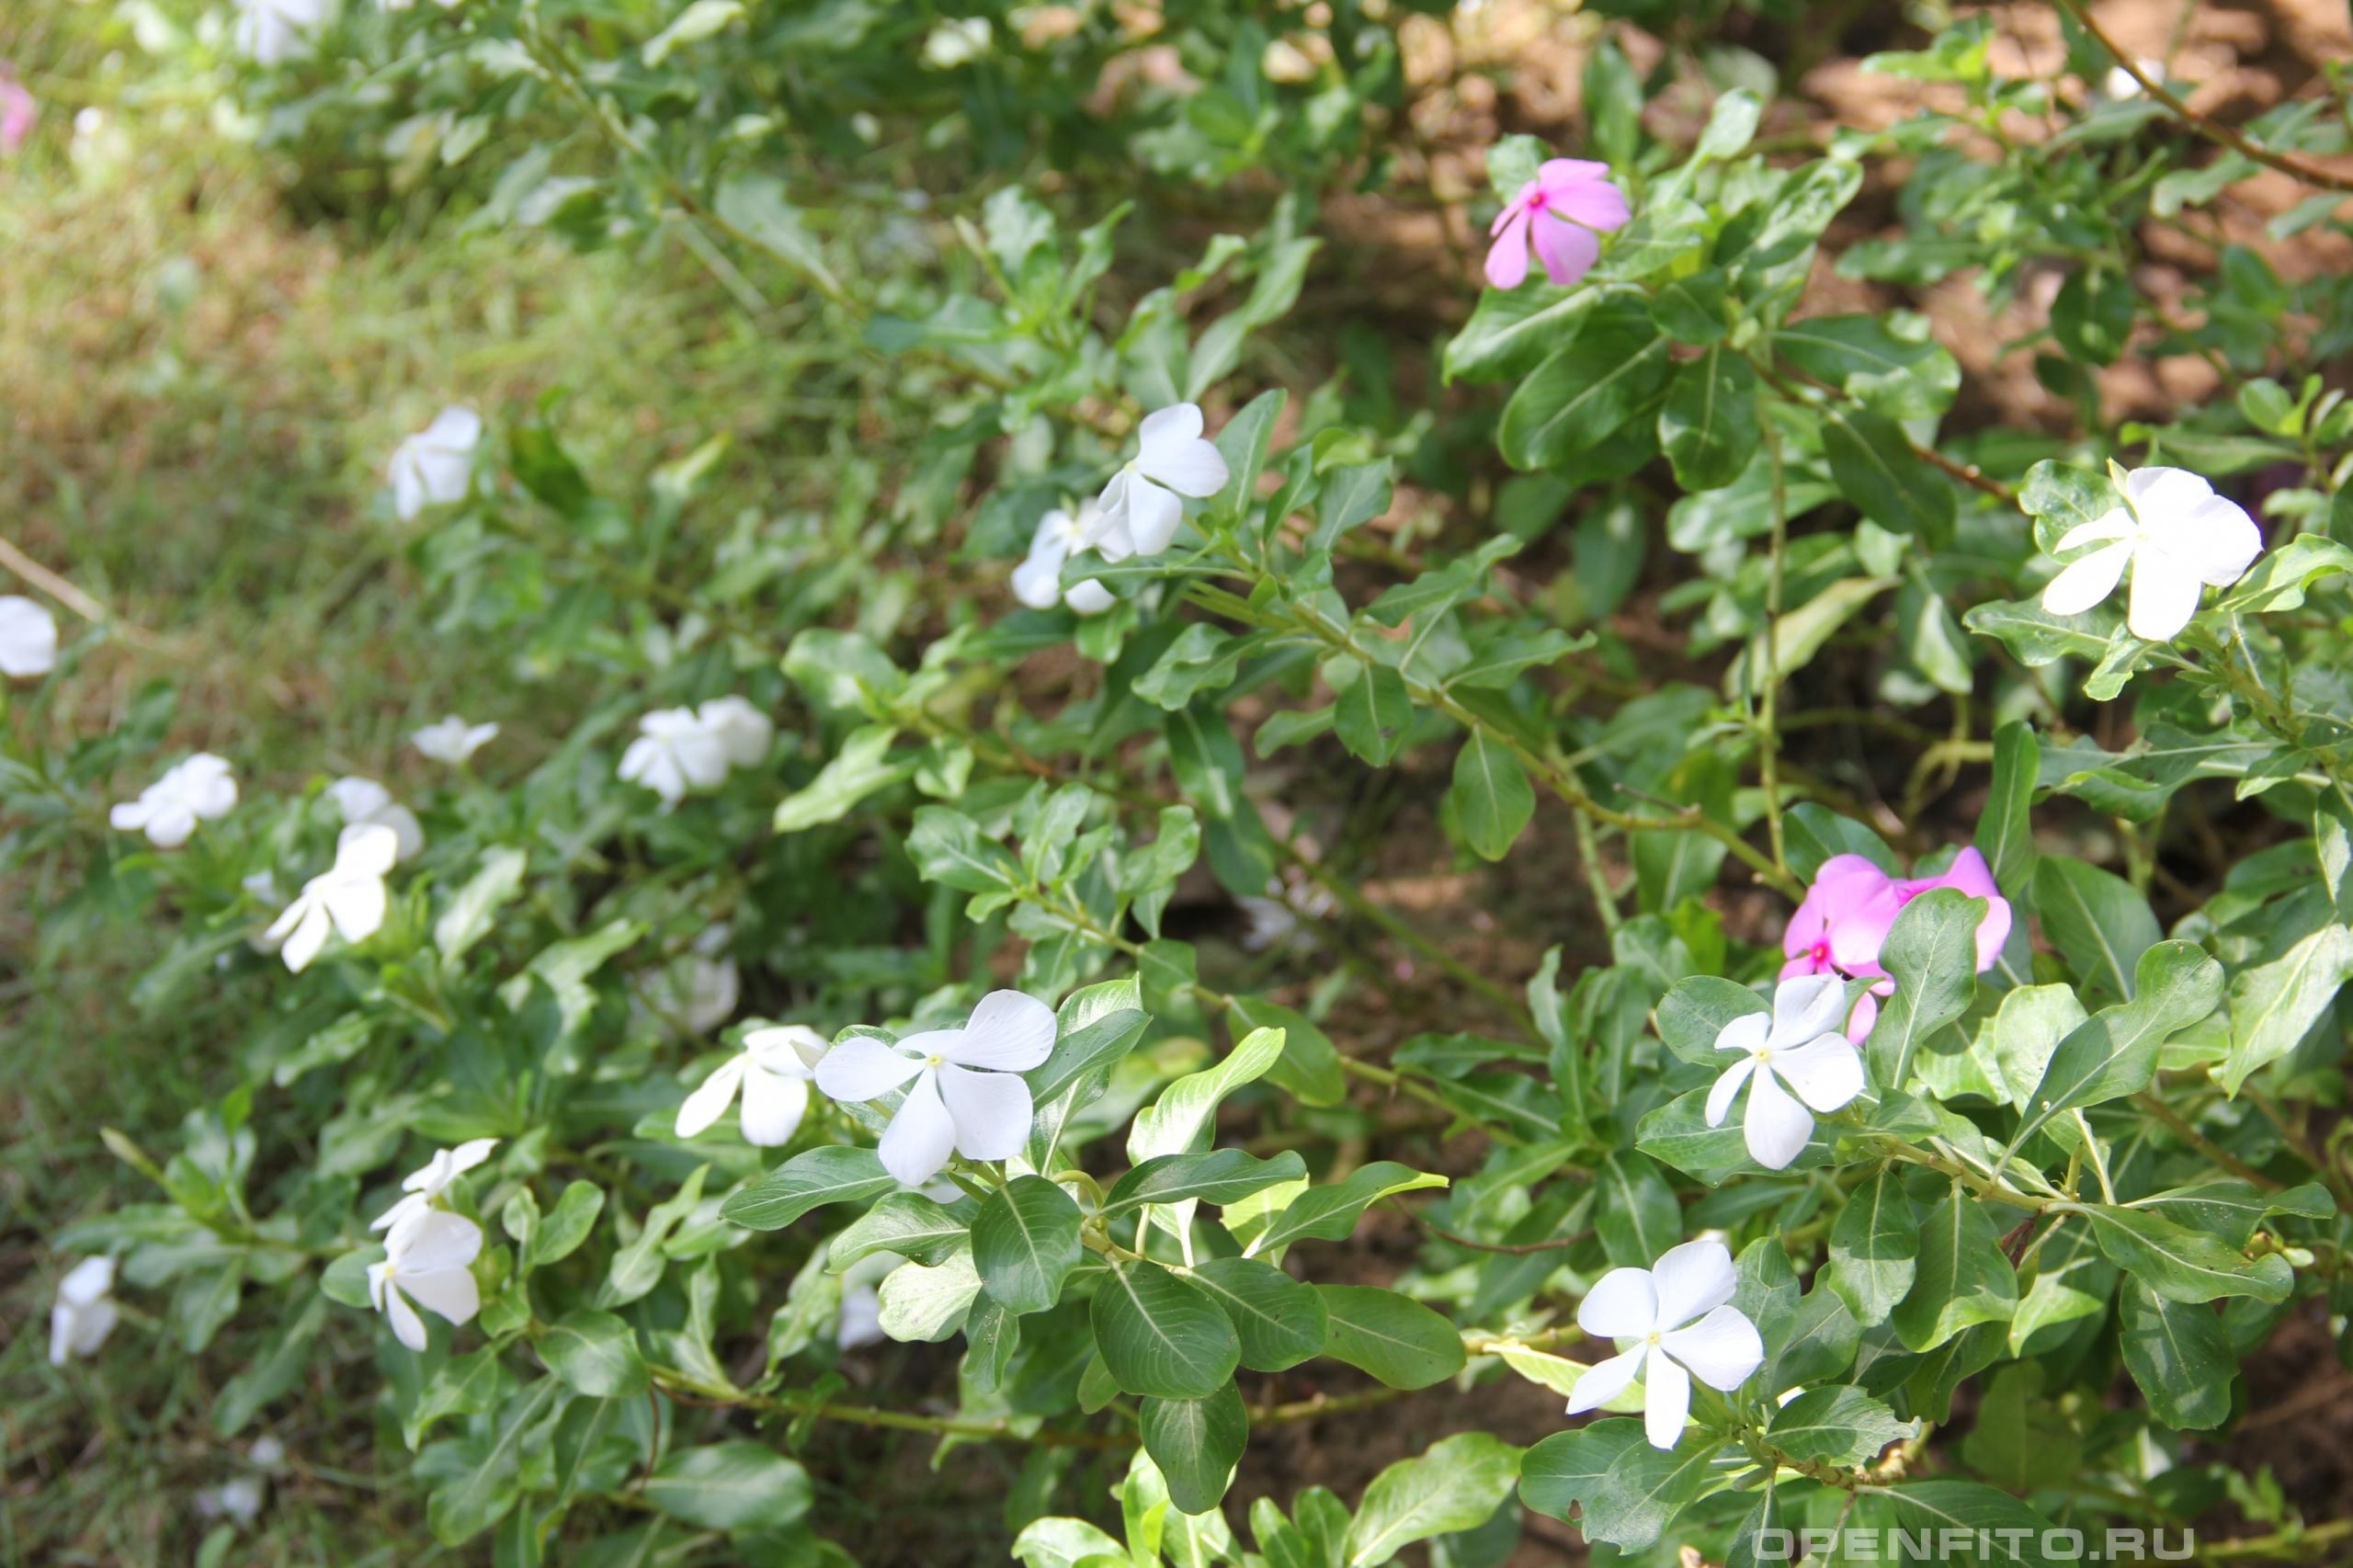 Катарантус розовый цветет белым и розовым